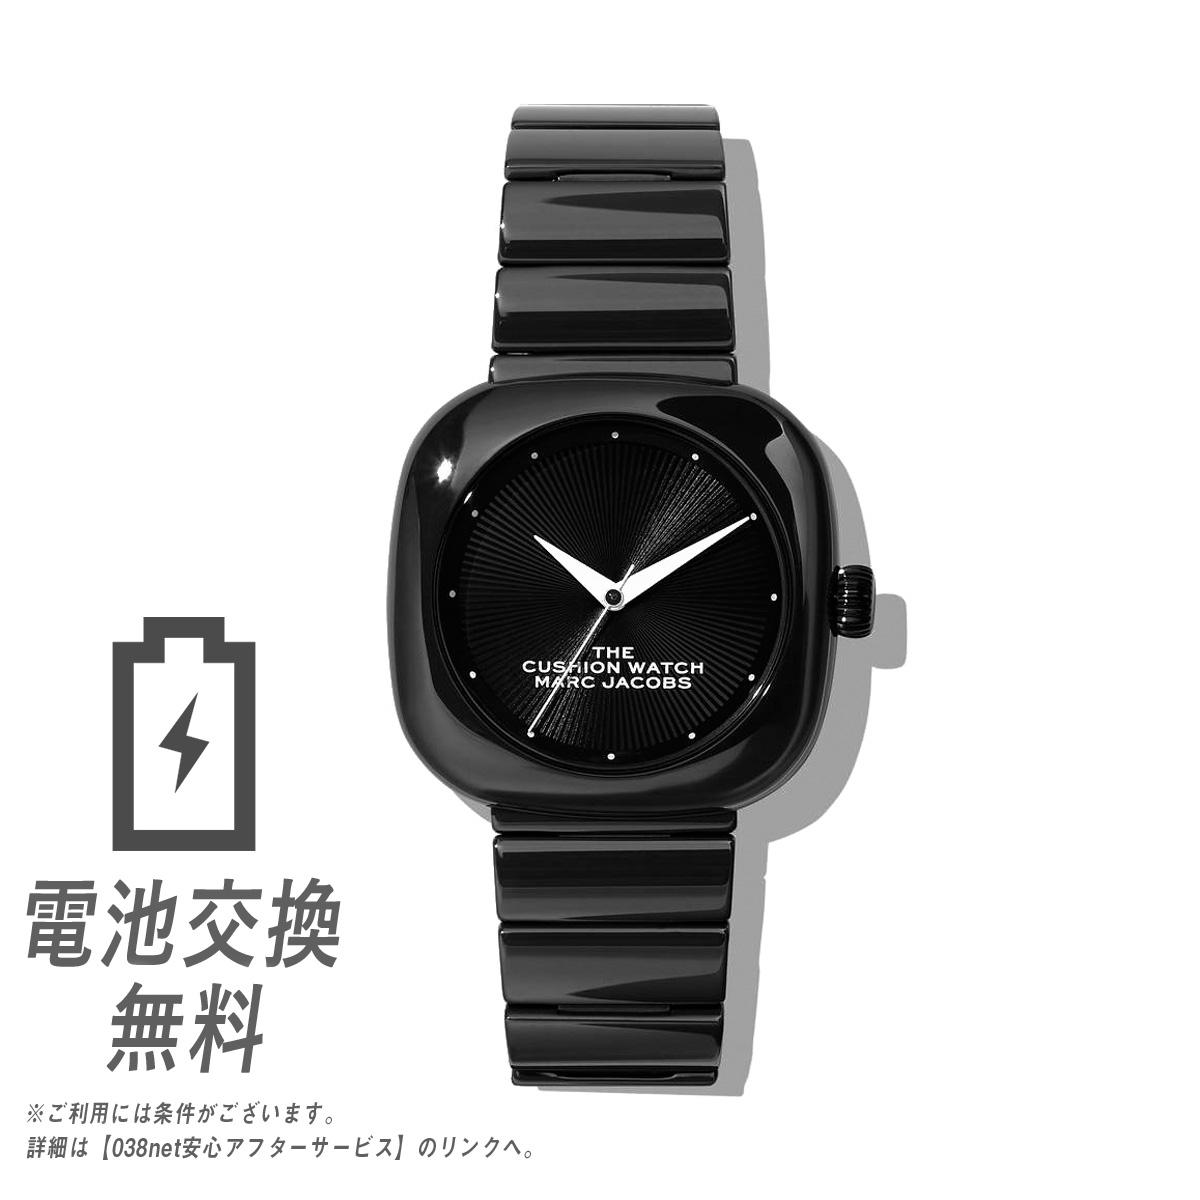 【ラッピング無料】MARC JACOBS マークジェイコブス クッションウォッチ レディース 腕時計 ブラック 黒 セラミック 20184713 The Cushion Watch 36mm ブレスレット 四角 女性用 時計 M8000737-001-1SZ